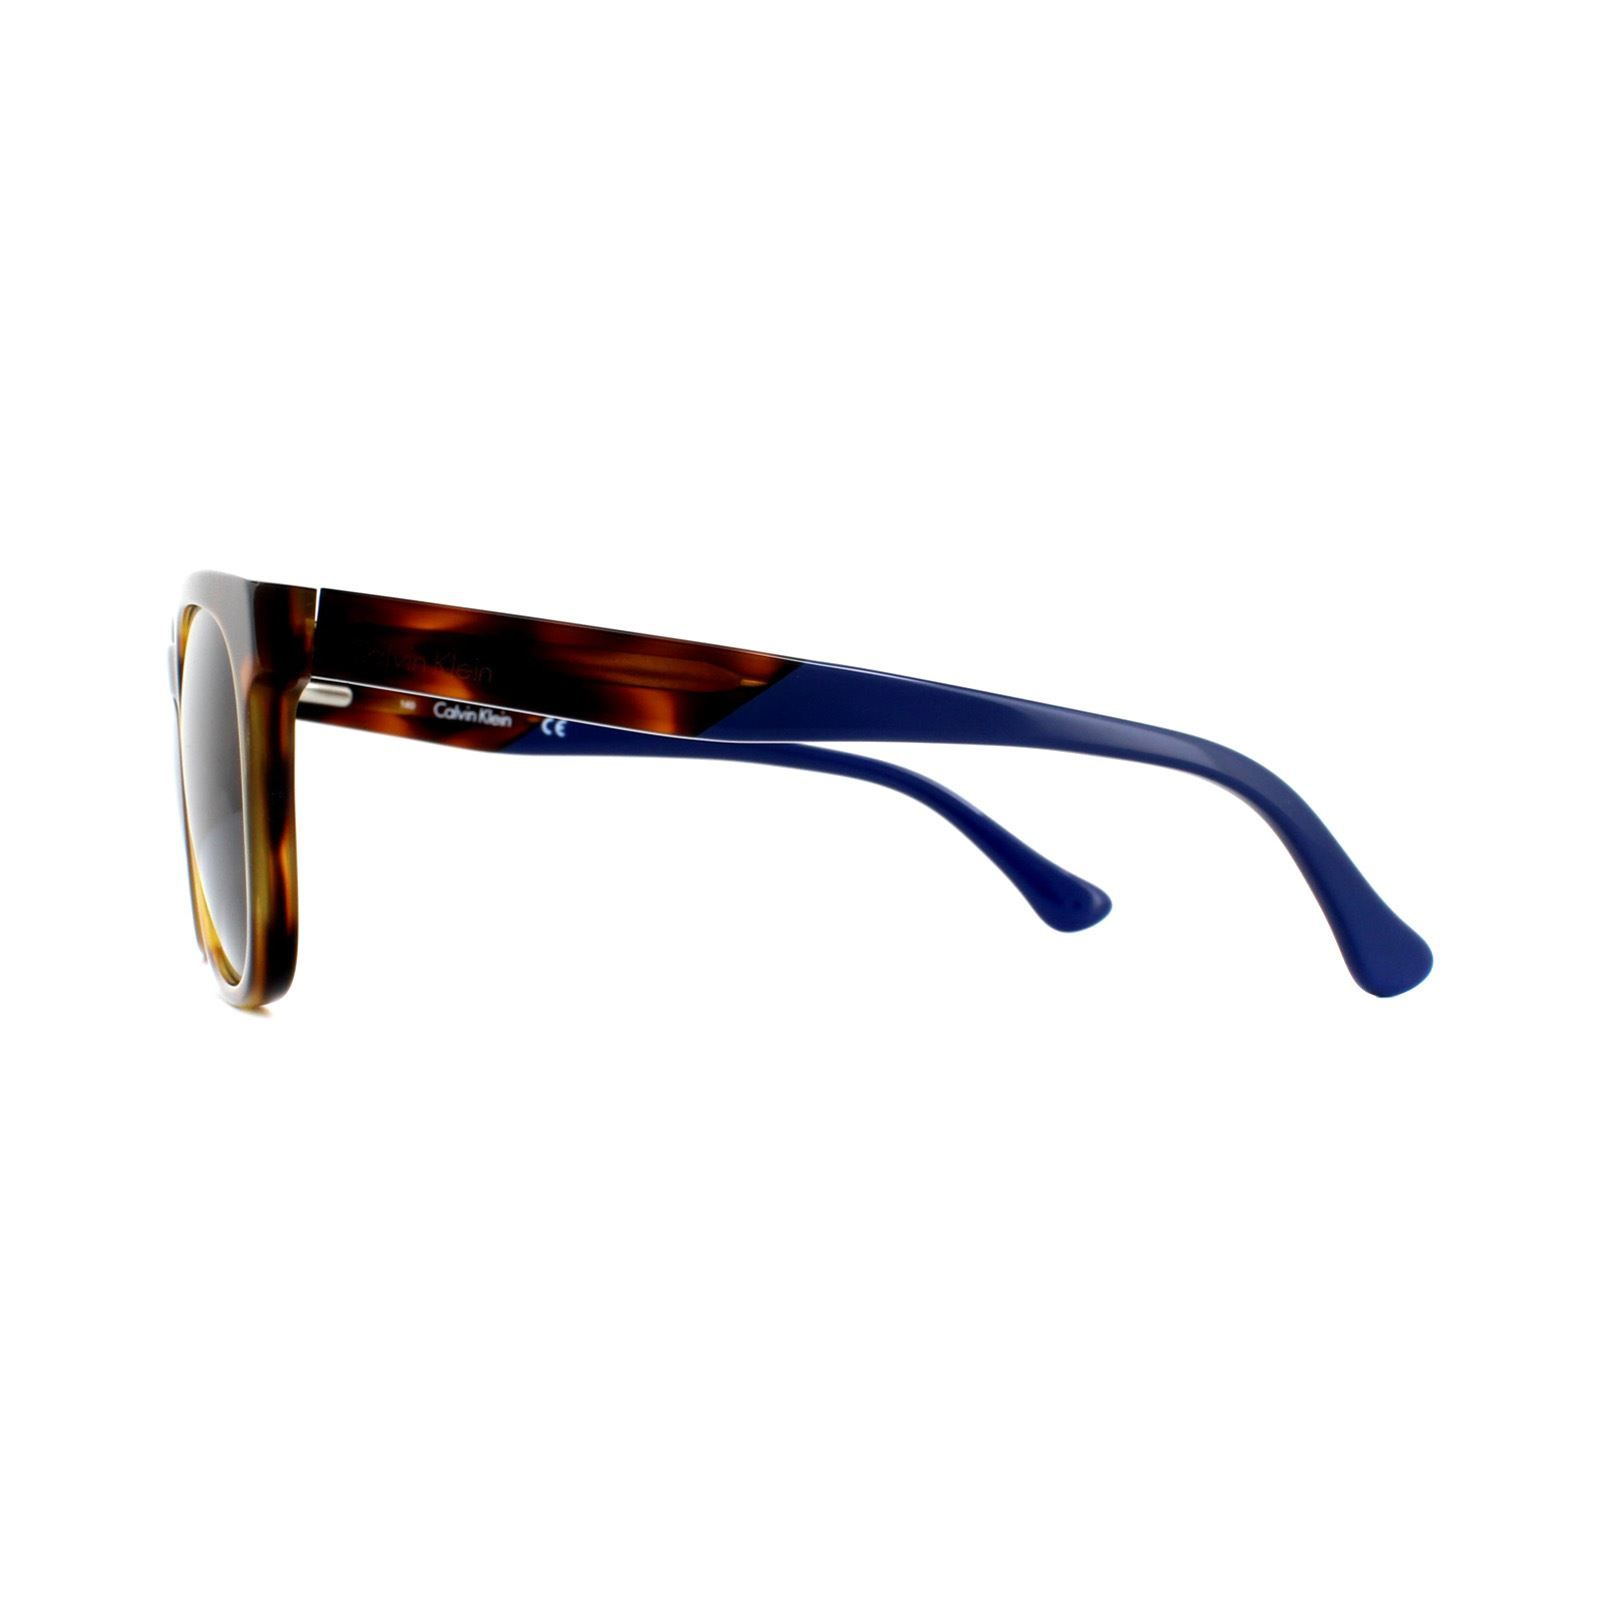 Calvin Klein Sunglasses CK5942S 211 Light Havana Blue Green